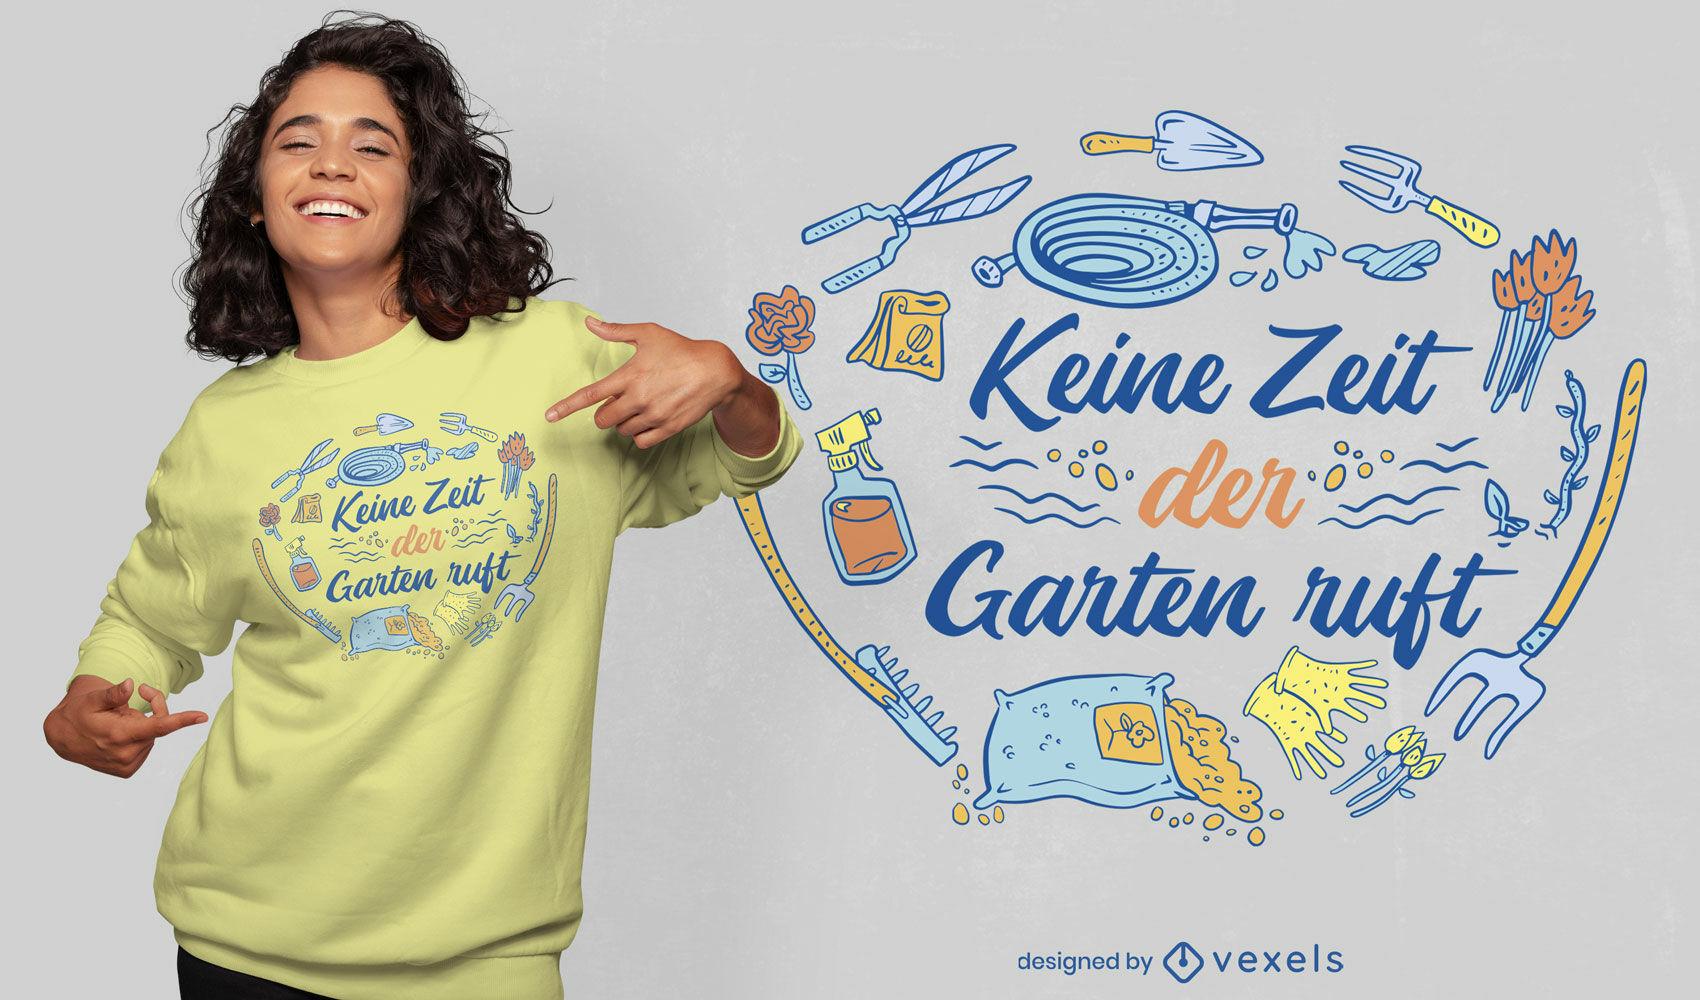 Cool gardening german t-shirt design